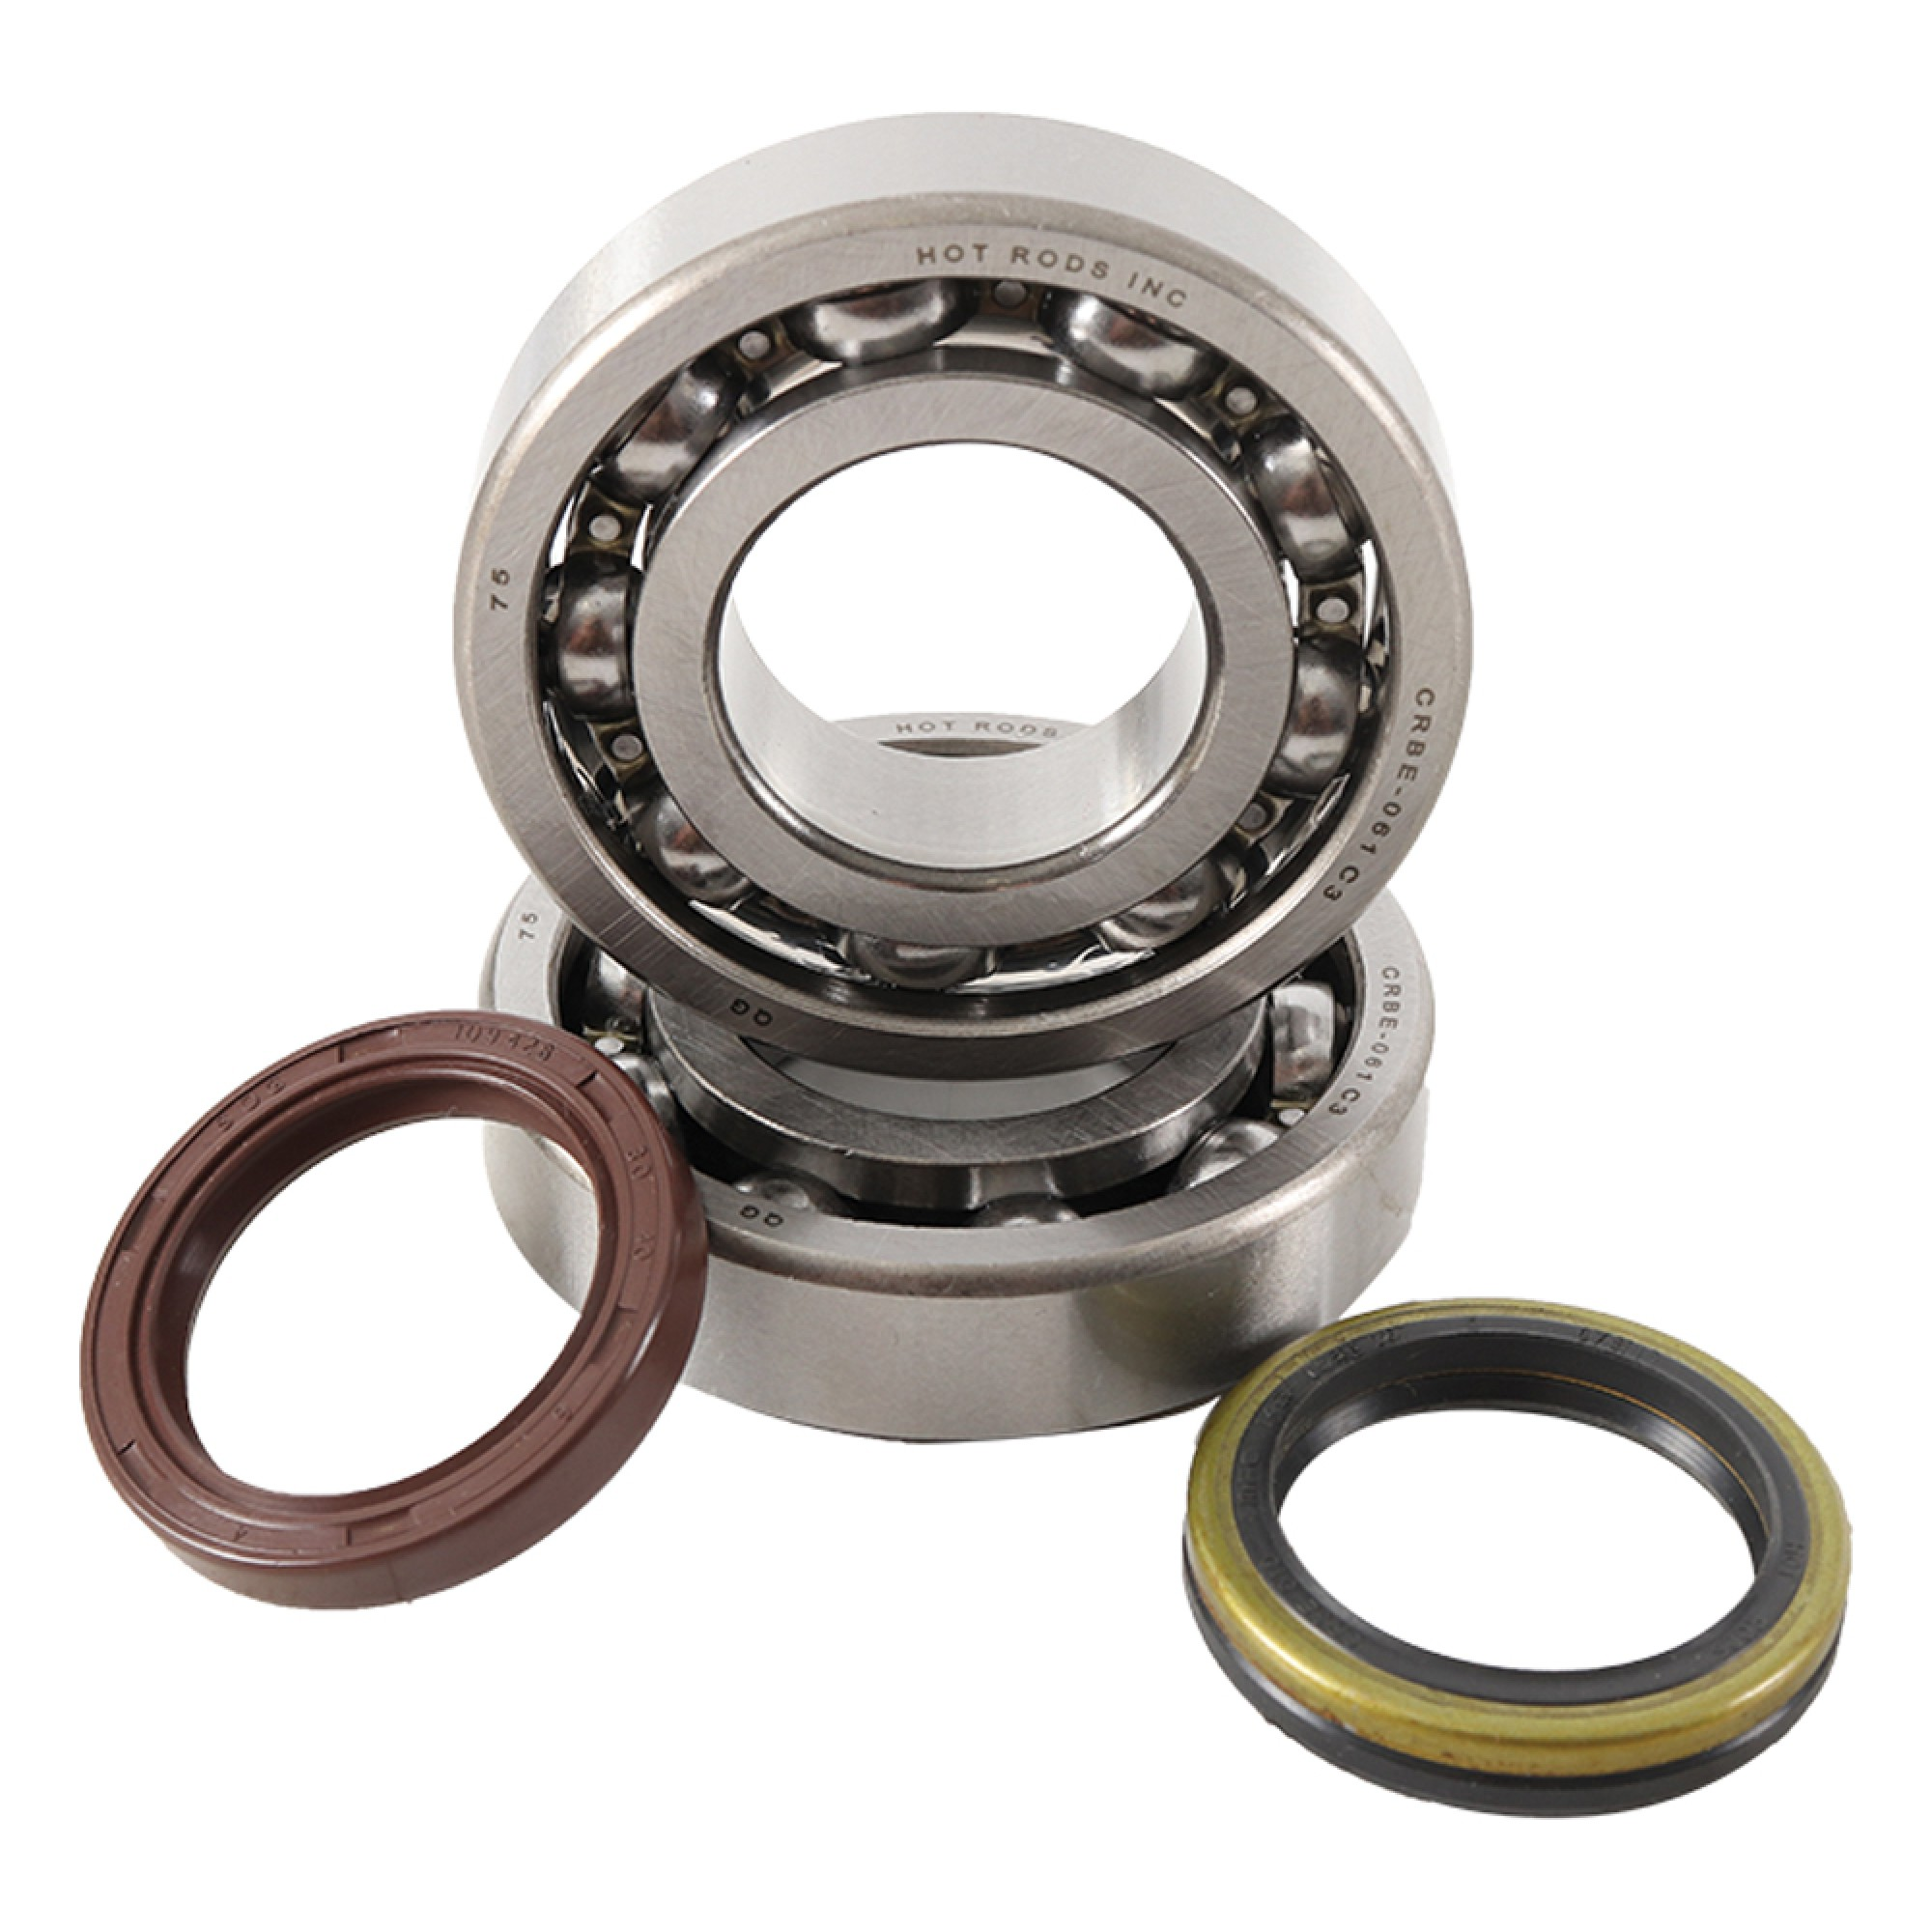 Hot Rods K055 Main Bearing and Seal Kit